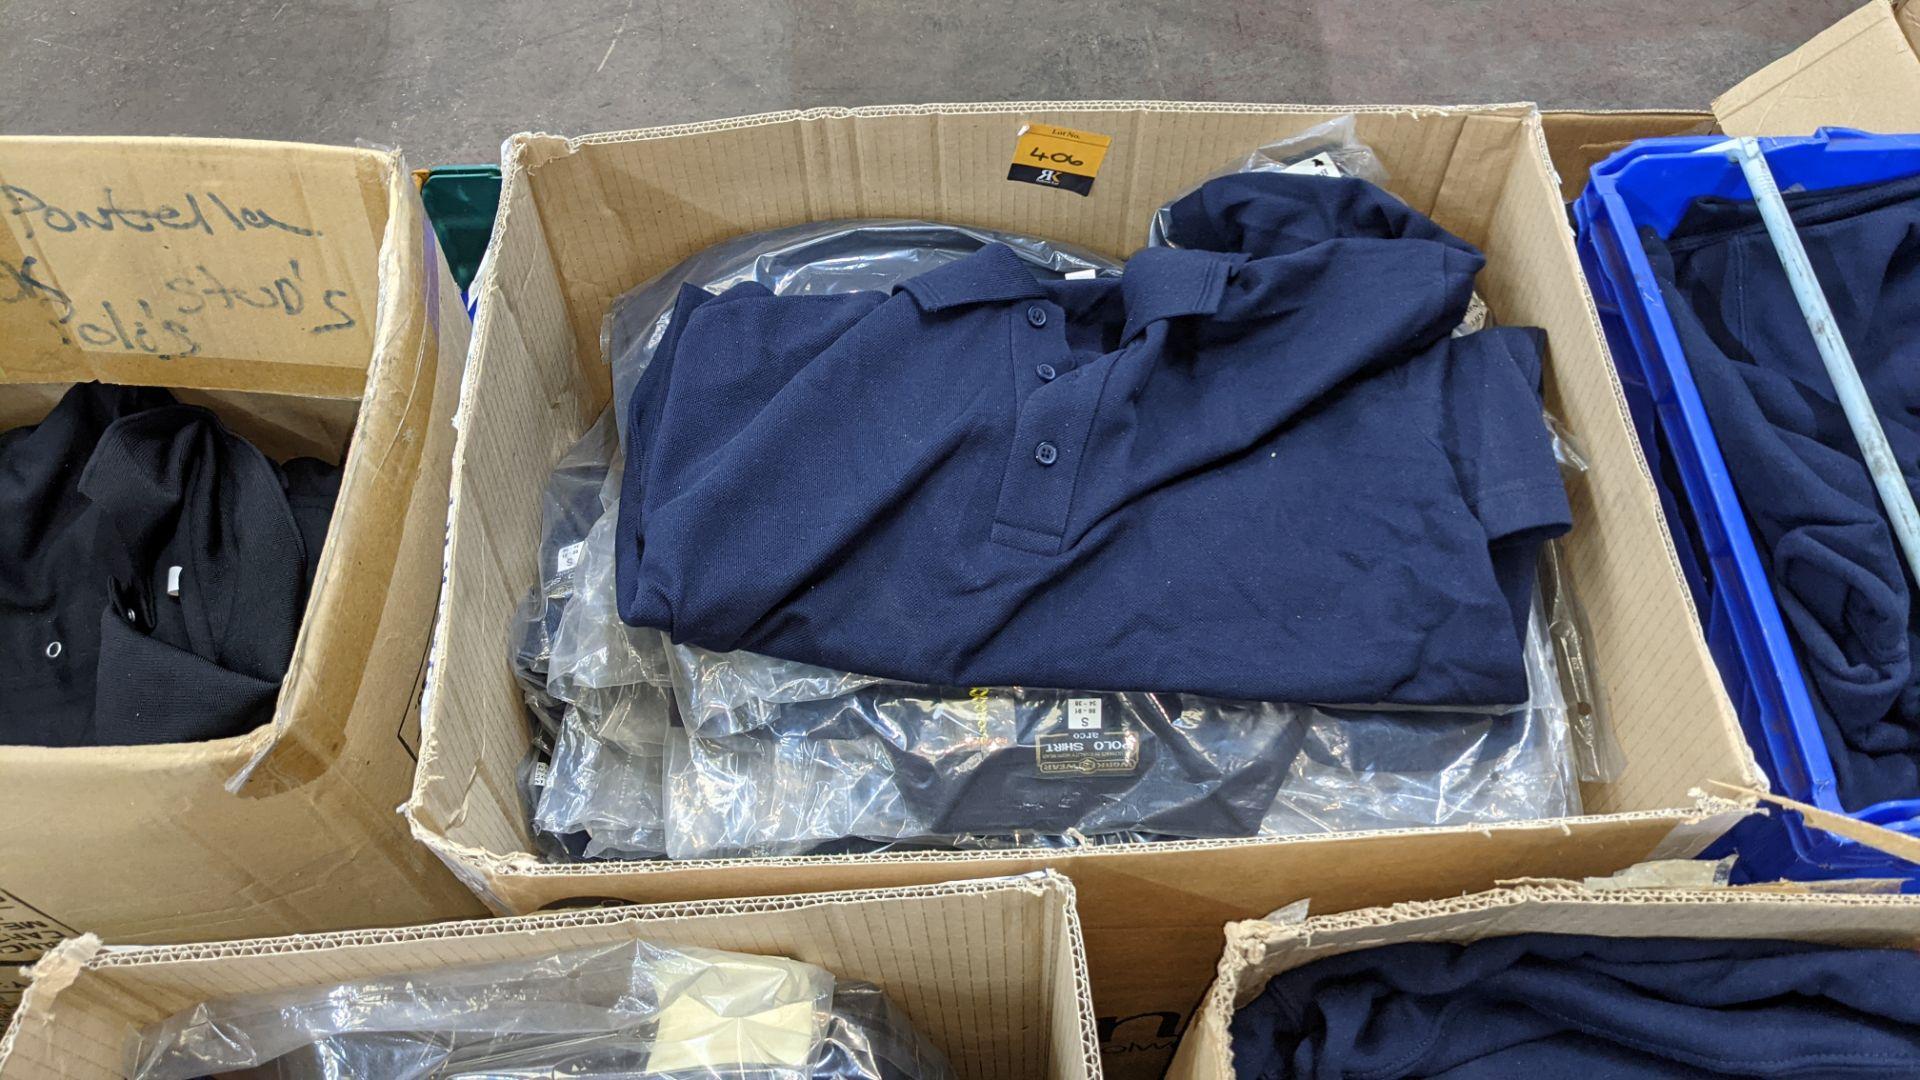 Quantity of blue polo shirts